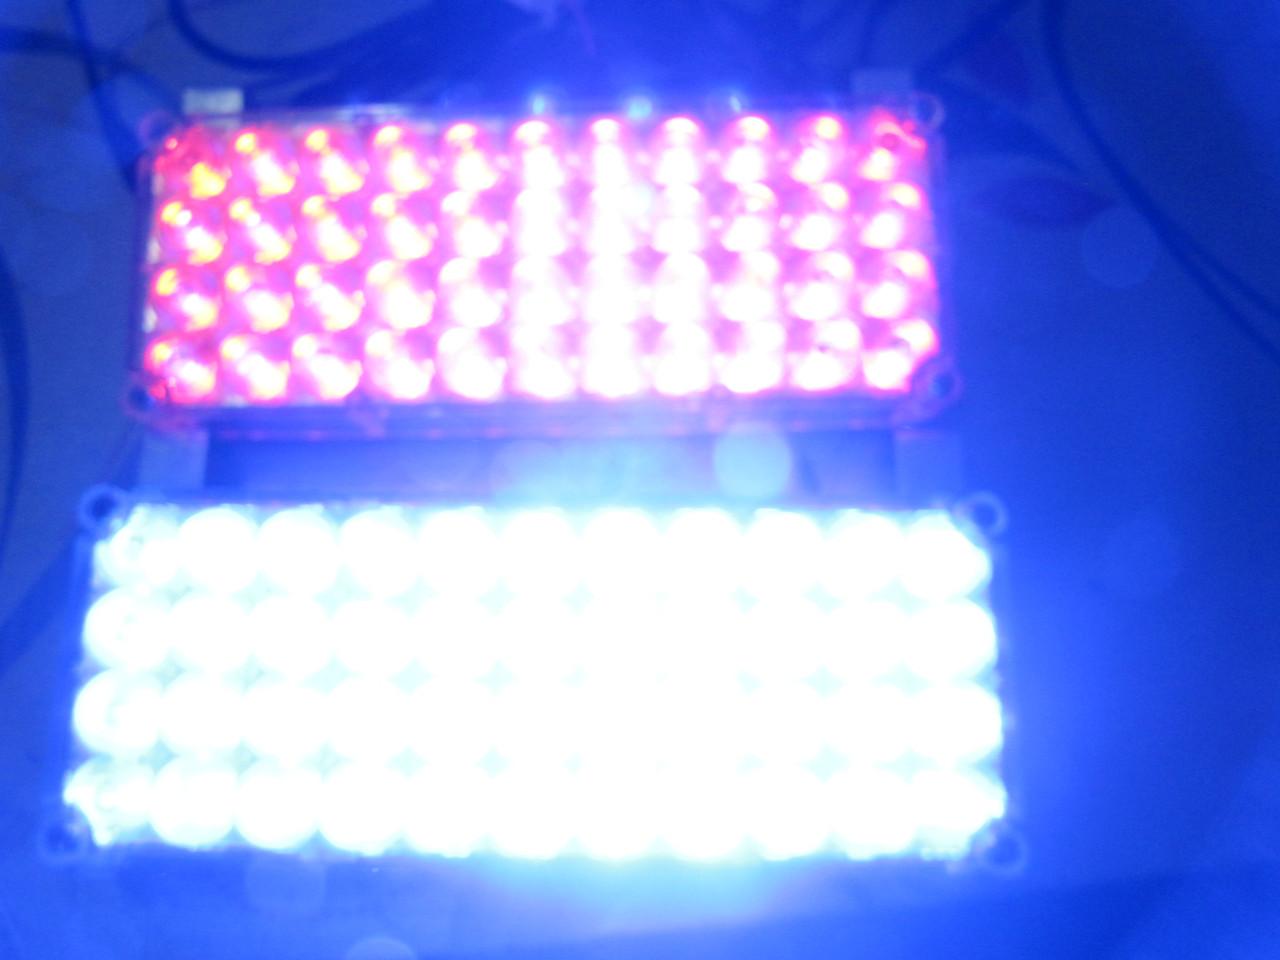 Стробоскопы в решетку авто Led 2-44 красно/синие 12-24В. https://gv-auto.com.ua